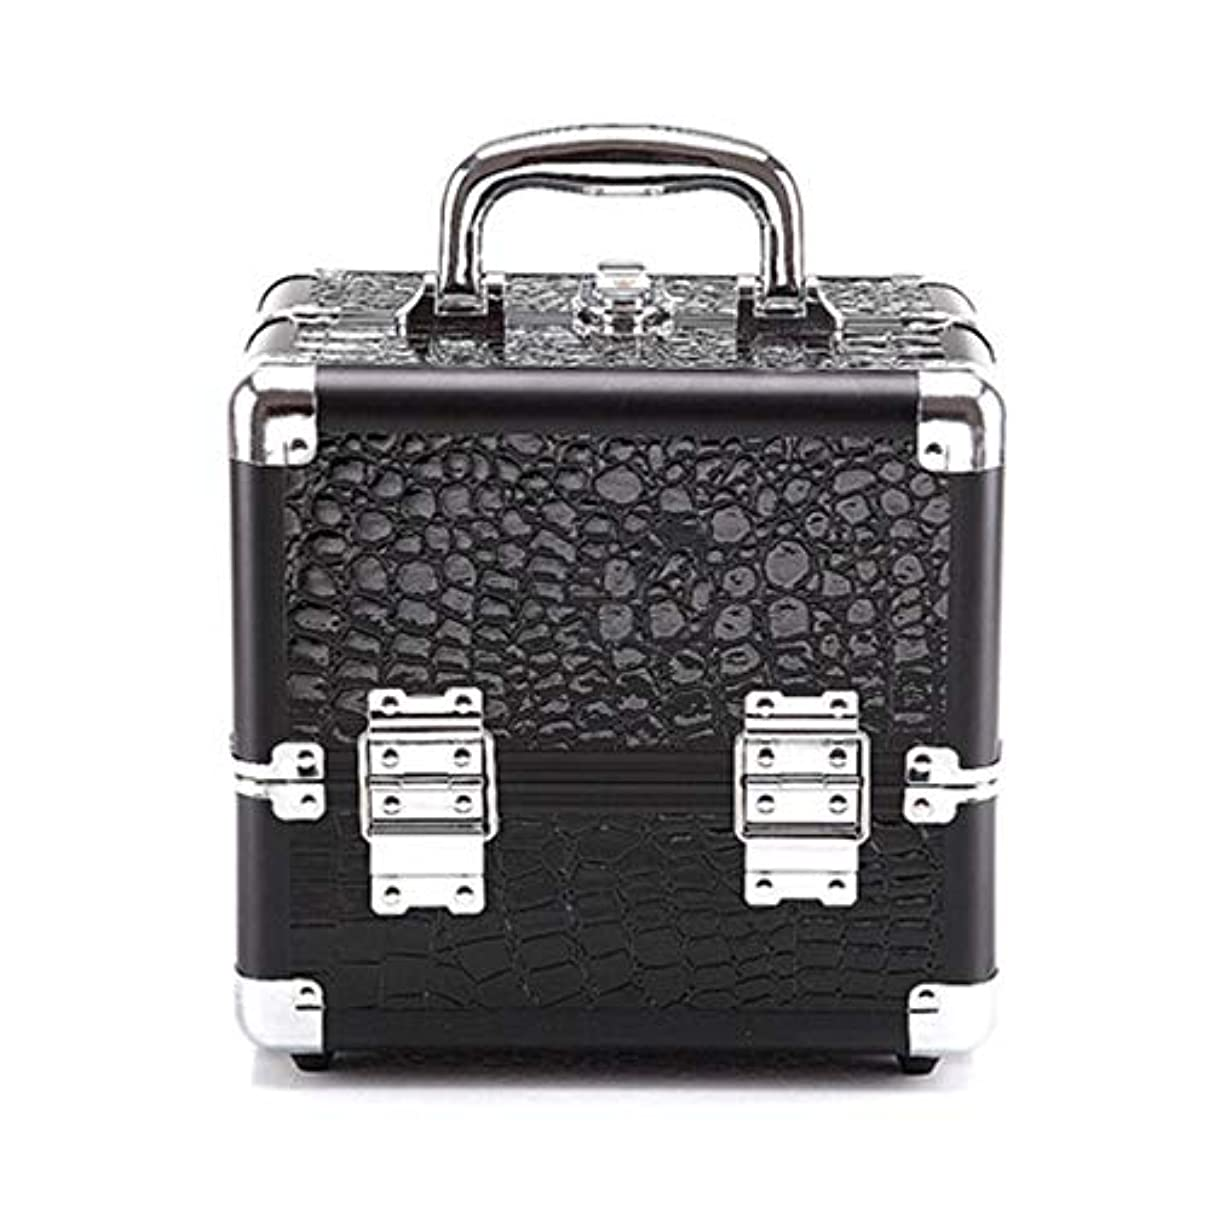 チップ変色する検査官化粧オーガナイザーバッグ クロコダイルパターンストレージ美容ボックスメイクアップネイルジュエリー化粧品バニティケース 化粧品ケース (色 : Black(S))